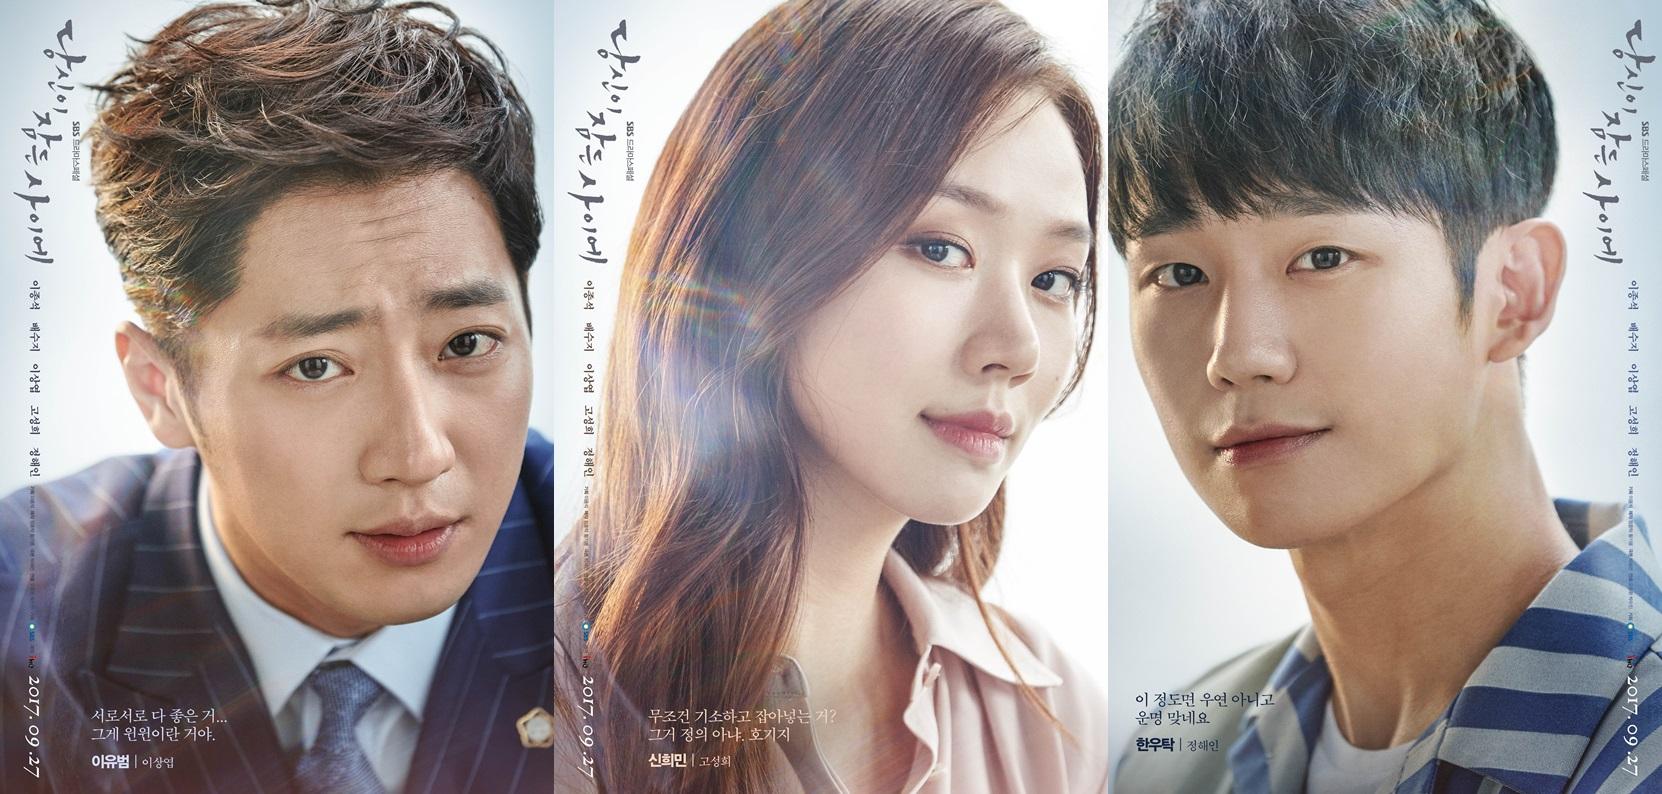 <당신이 잠든 사이에> 이상엽-고성희-정해인, 3人 3色 캐릭터 포스터 공개